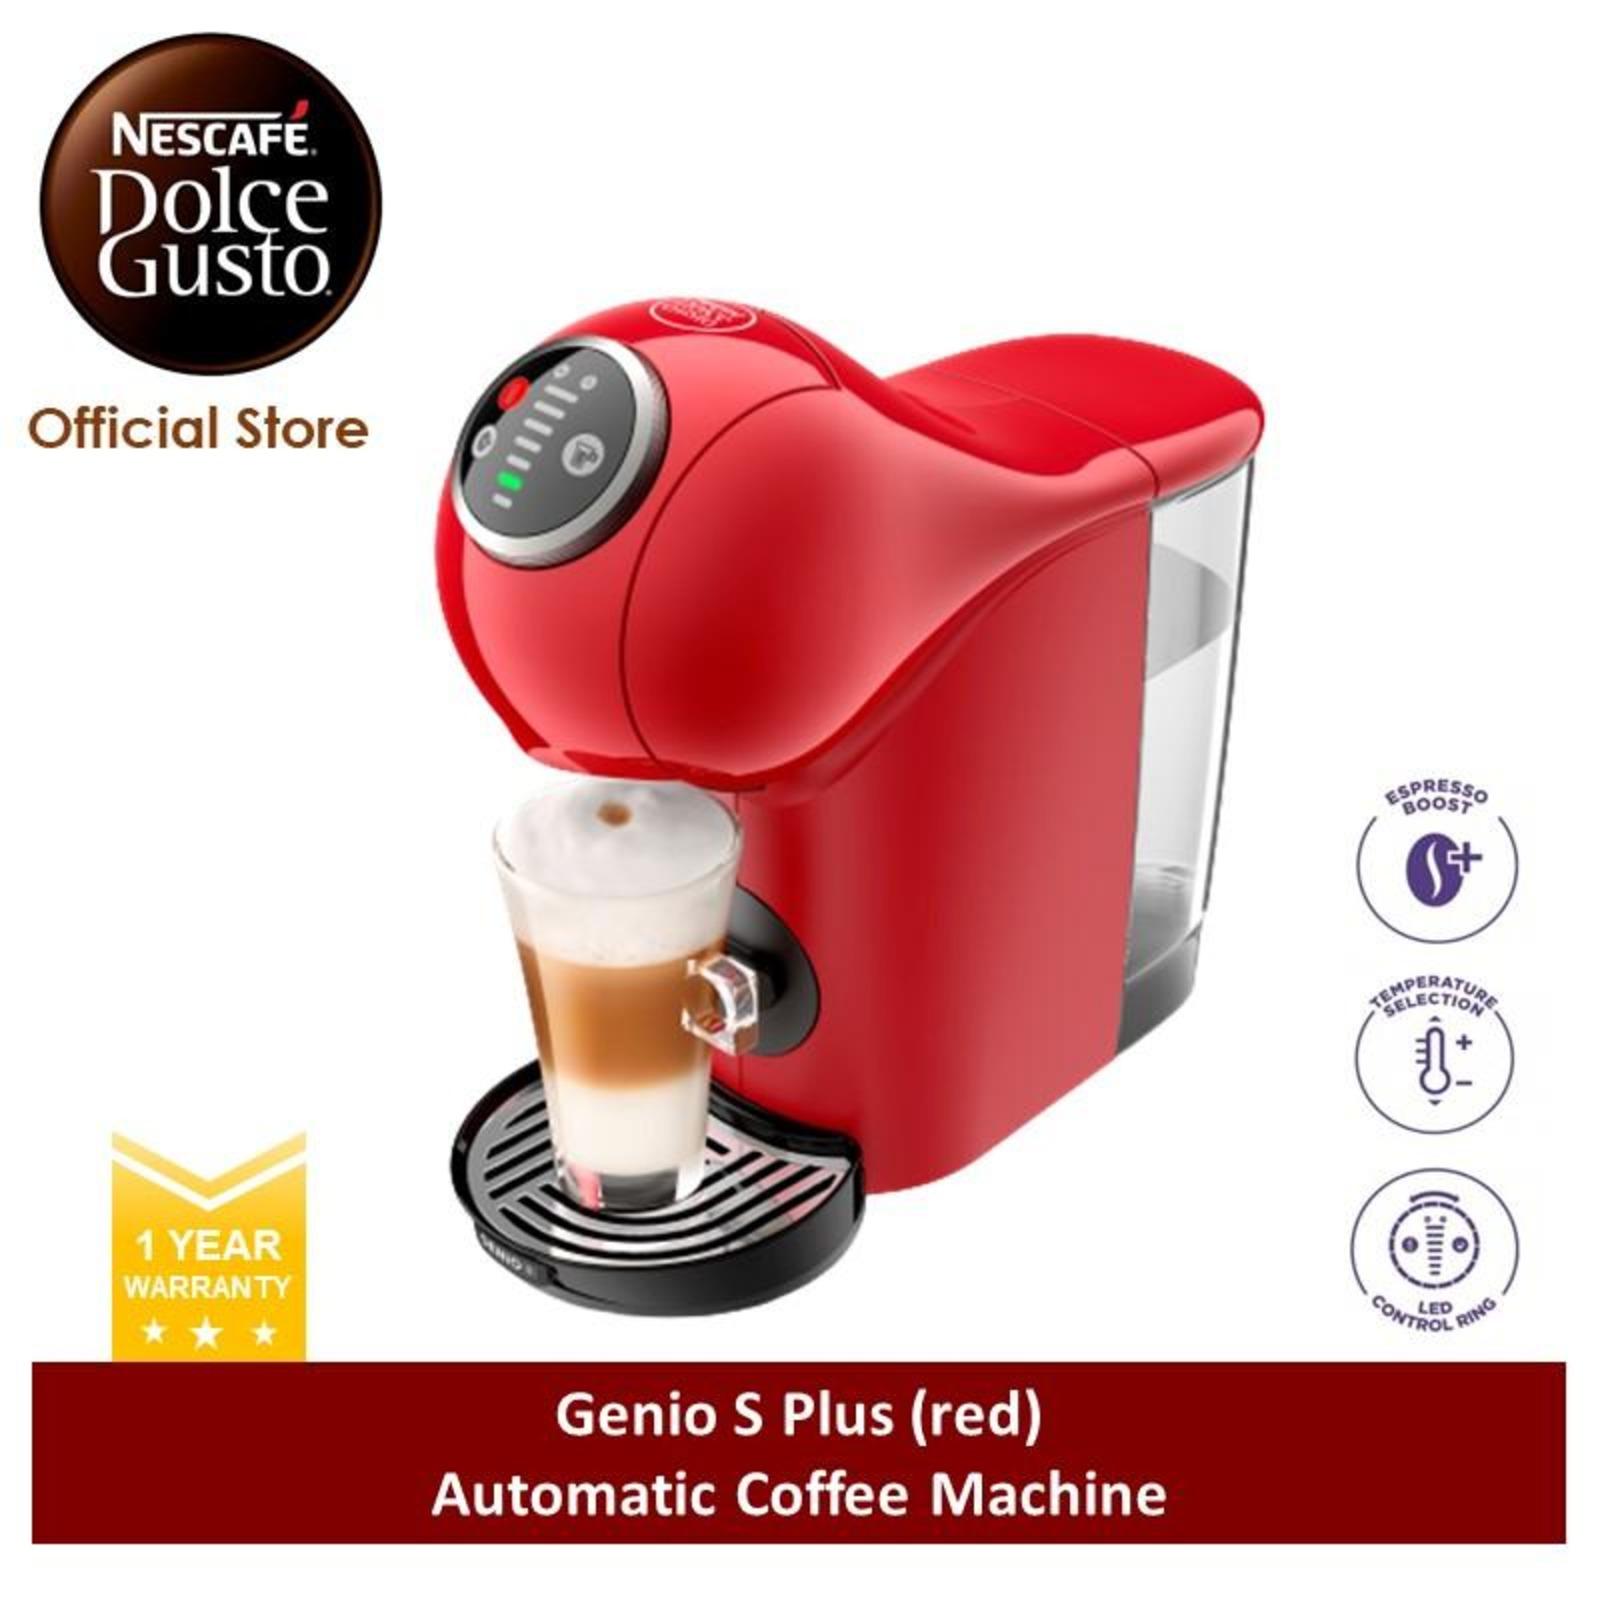 NESCAFE Dolce Gusto Genio S Plus Coffee Machine(R)